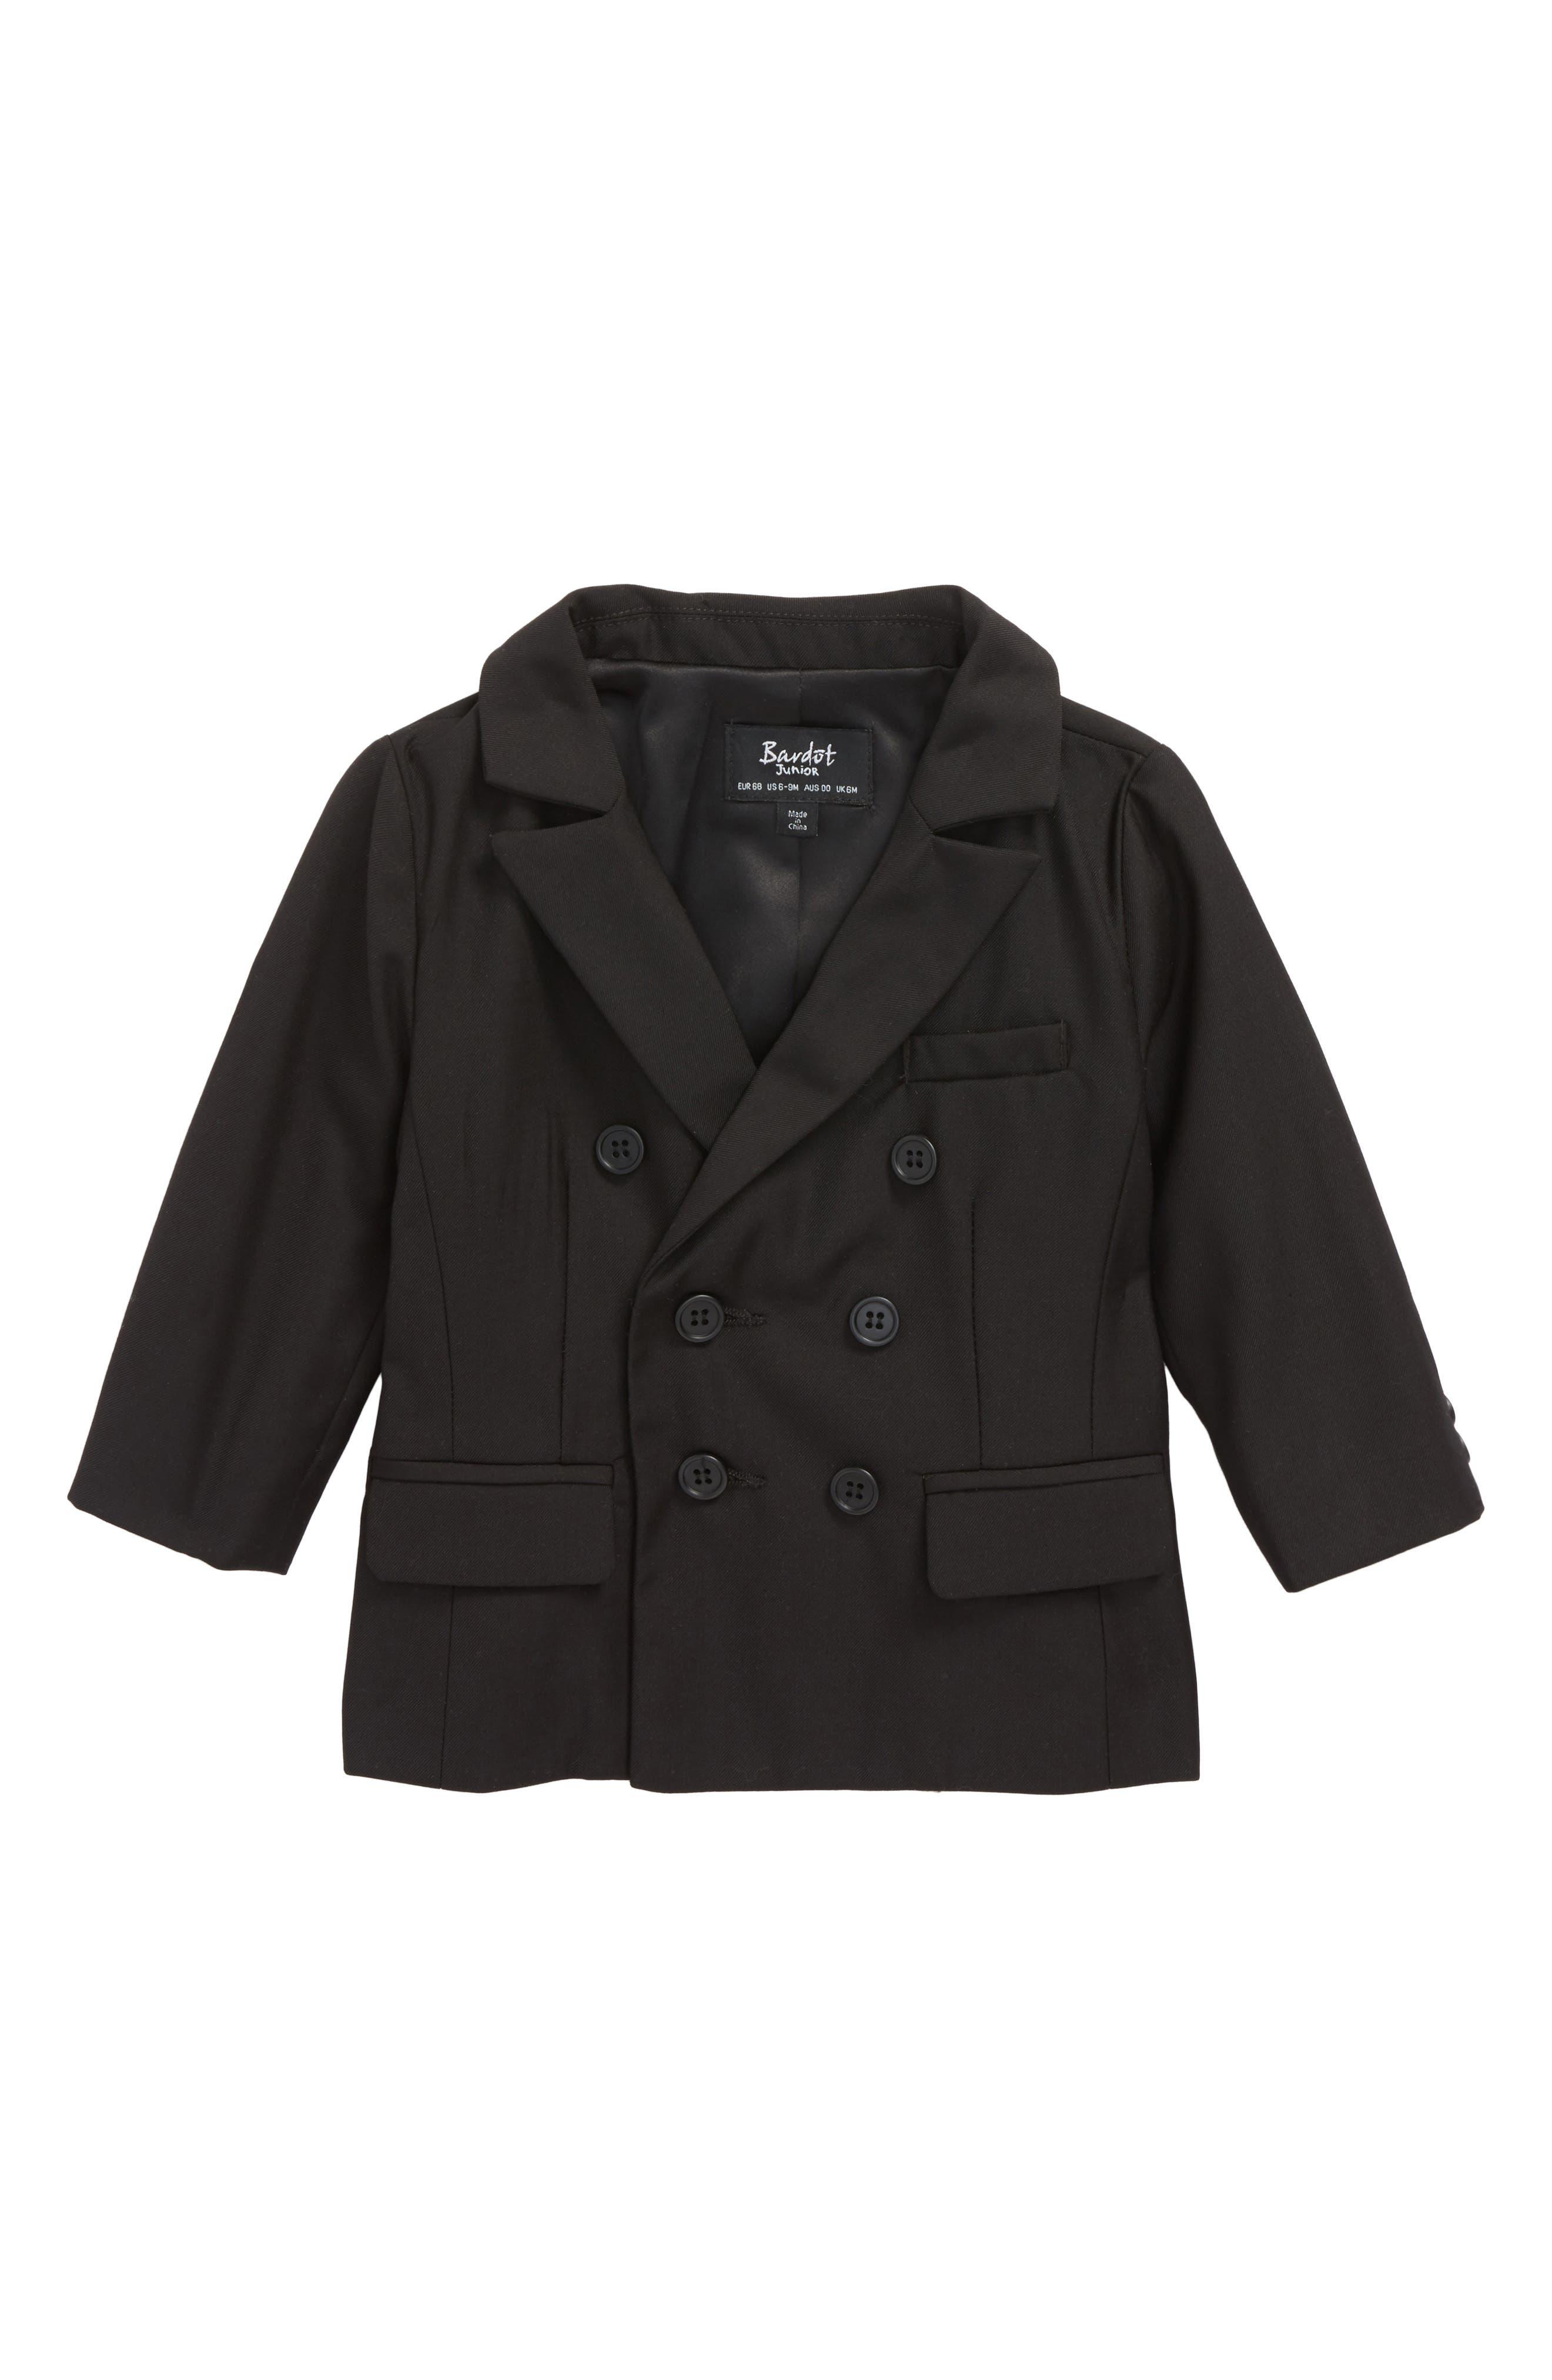 Henri Suit Jacket,                             Main thumbnail 1, color,                             001